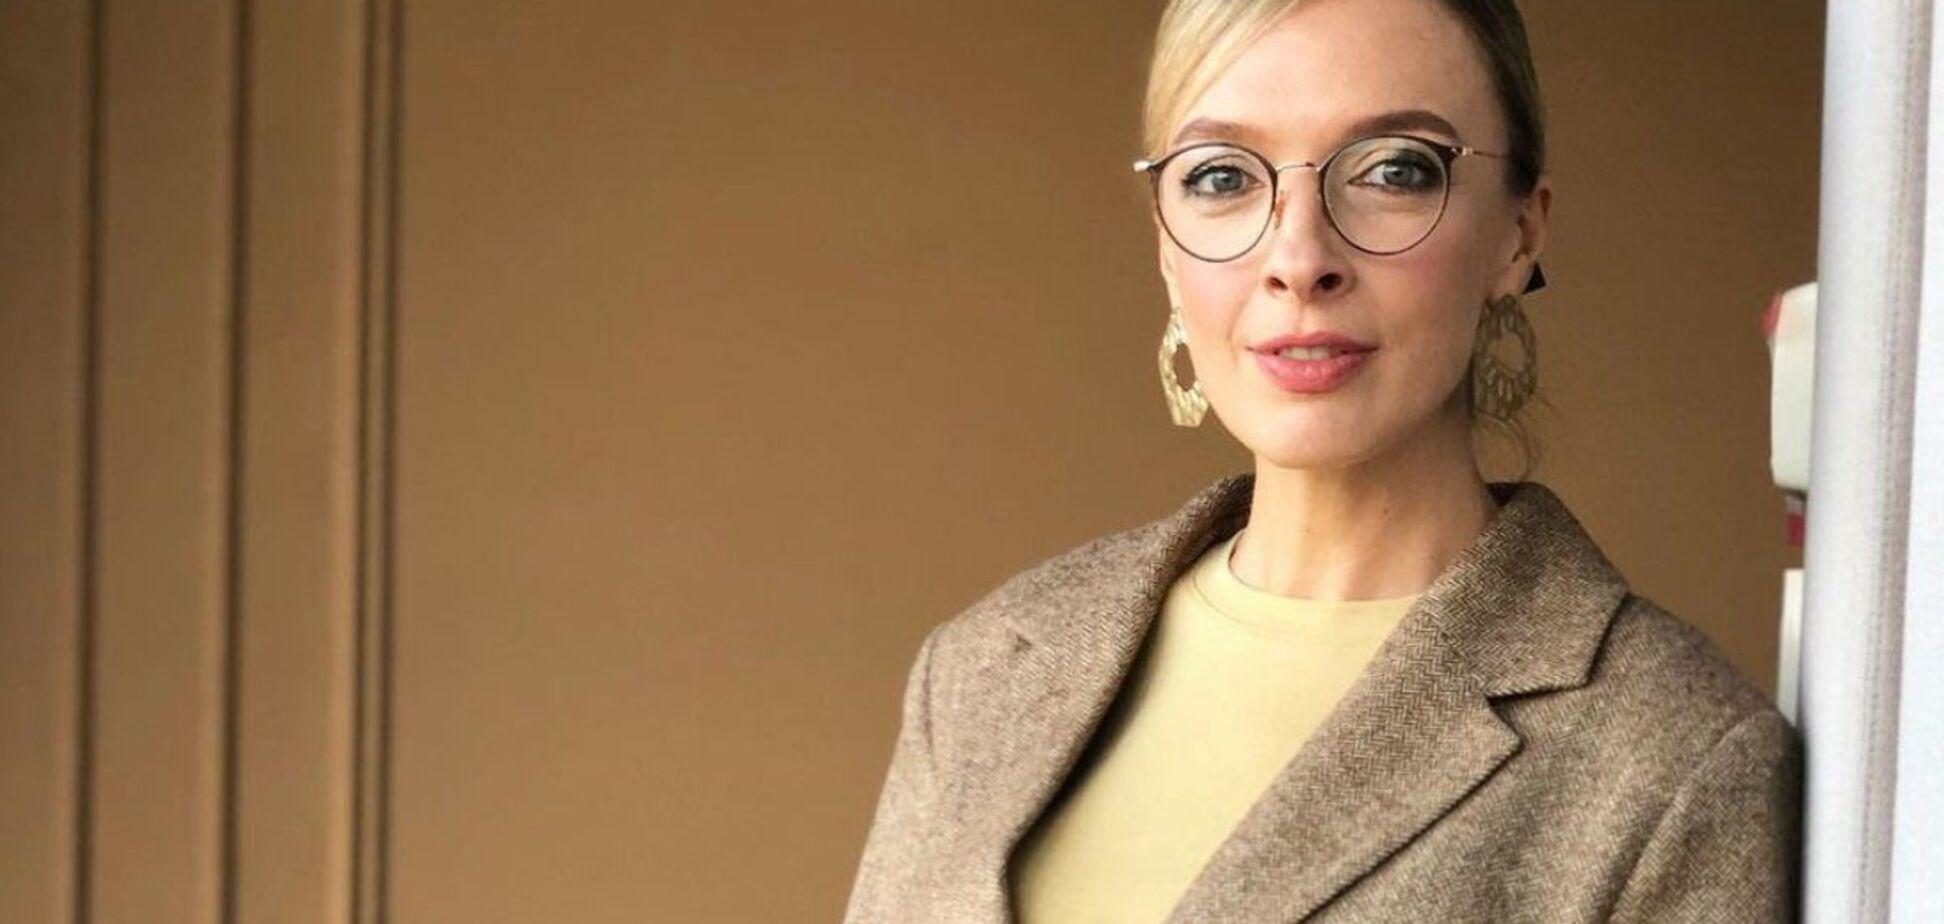 Василиса Фролова устроила фотосессию в белье на 9-м месяце беременности